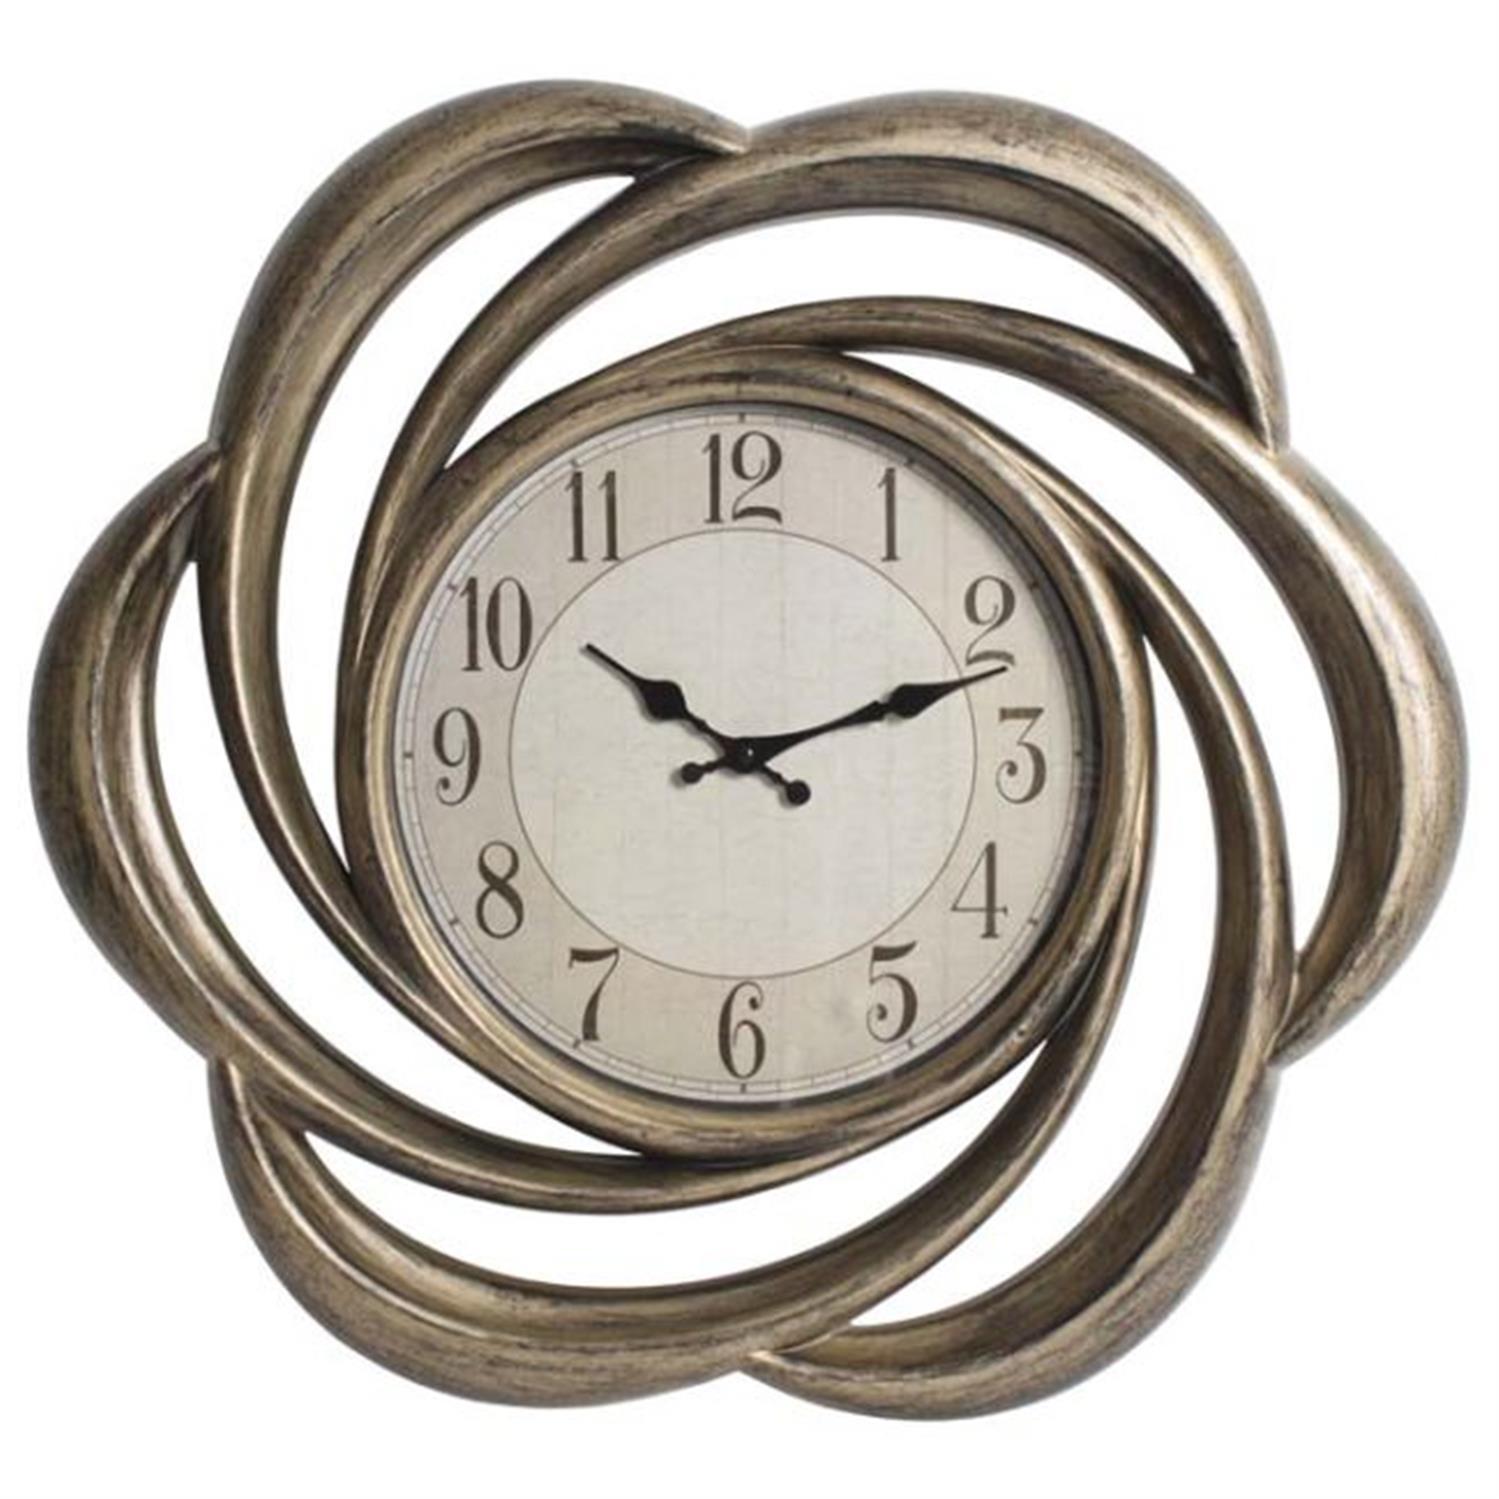 Ρολόι τοίχου pl μπρονζέ Δ/62(6.5)cm Inart 3-20-828-0010